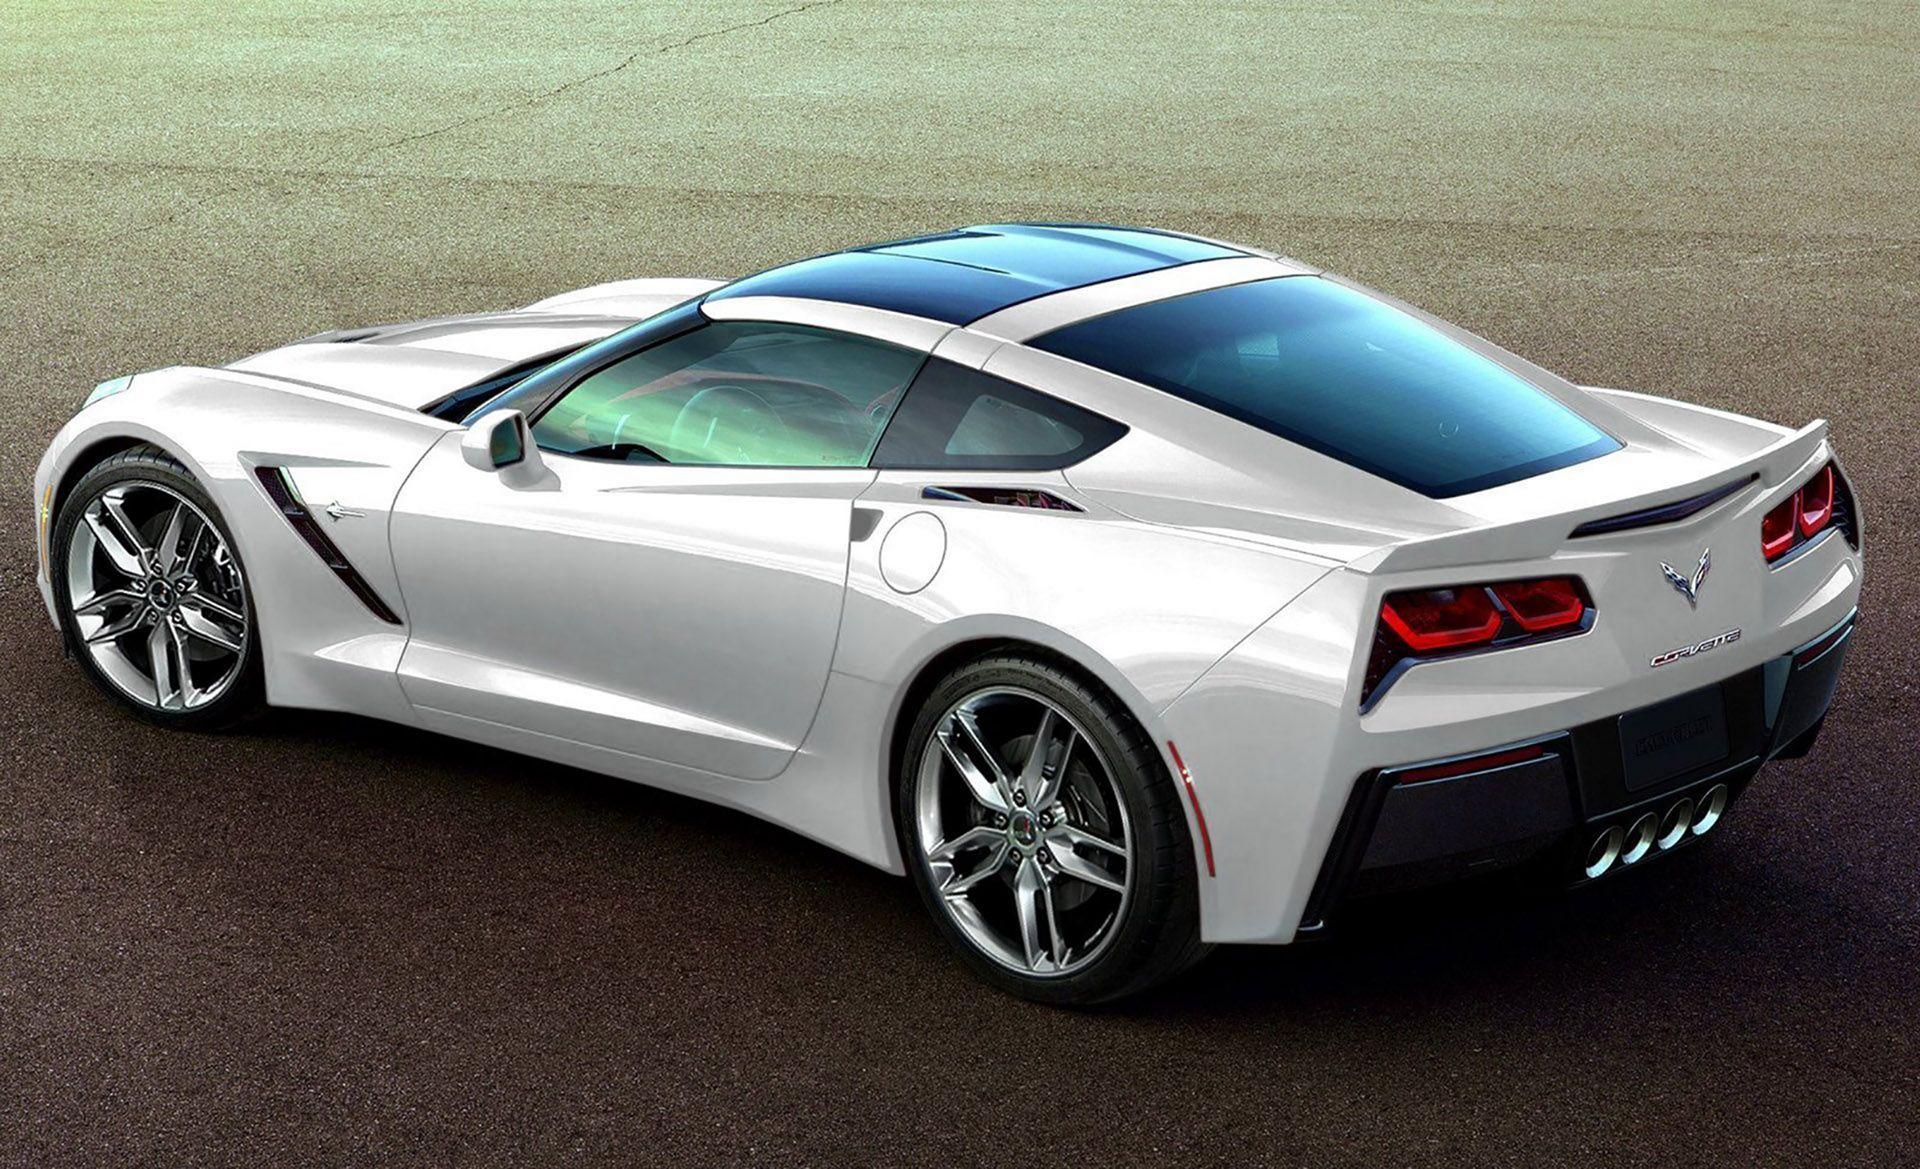 The legendary Chevrolet Corvette C7 Sports Cars